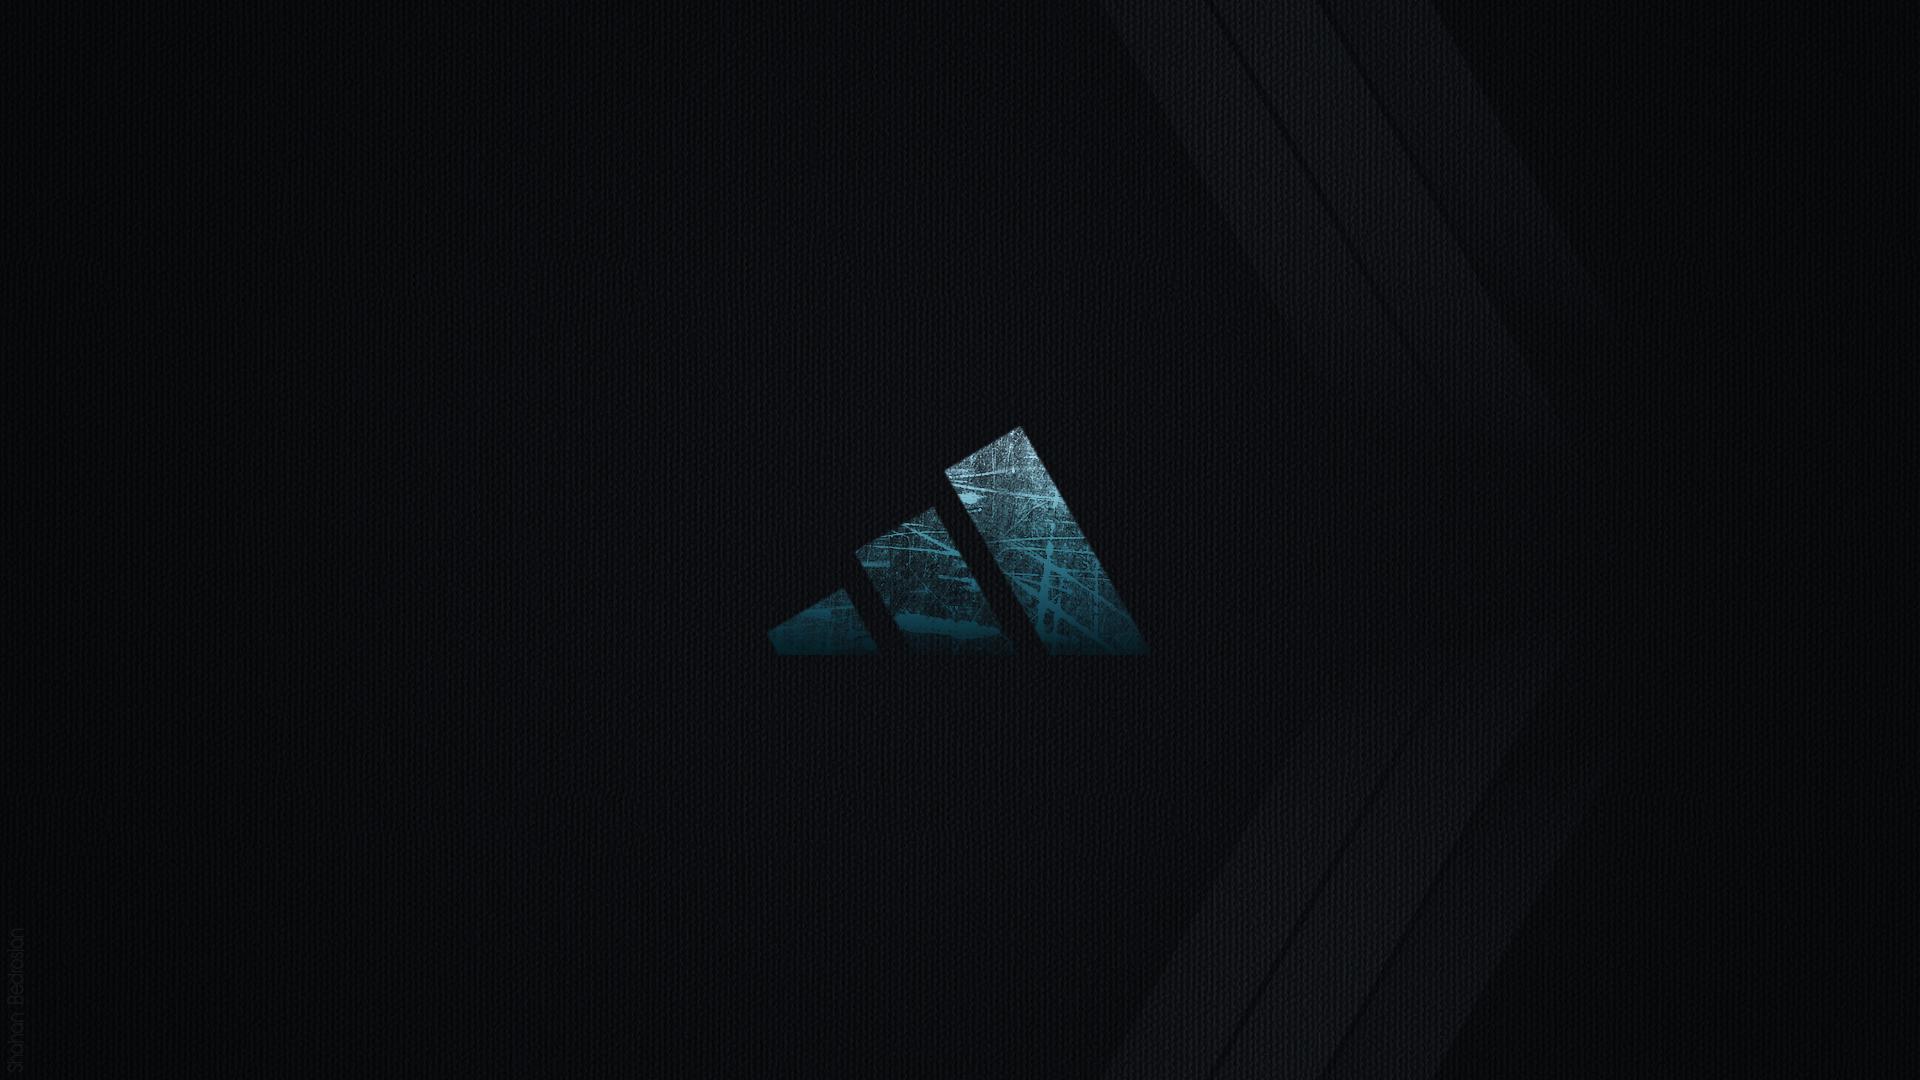 Adidas Originals Logo Wallpaper - WallpaperSafari